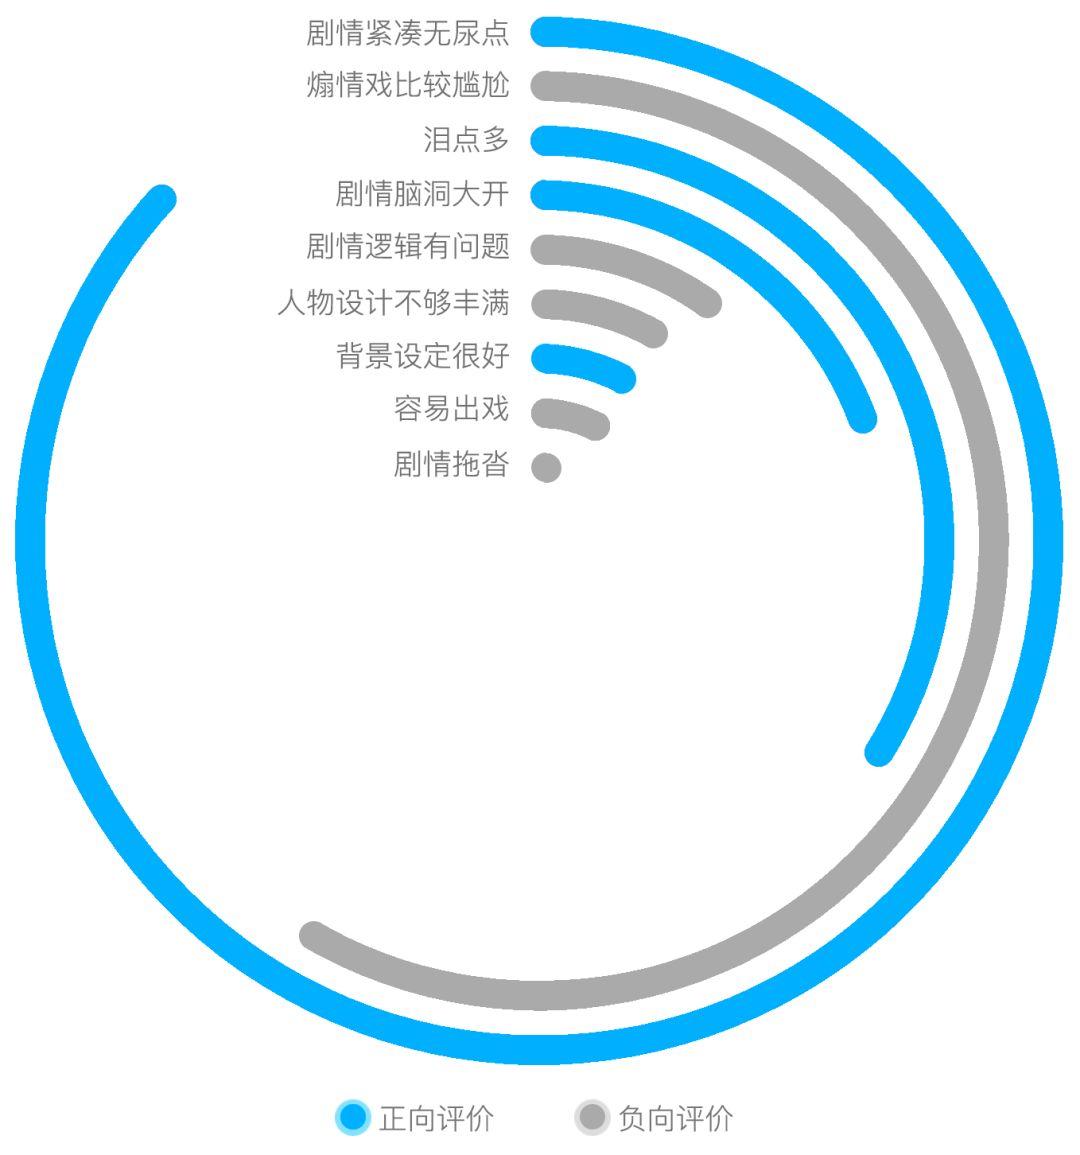 图2:《流浪地球》剧情方面评论的主要观点同义聚类。